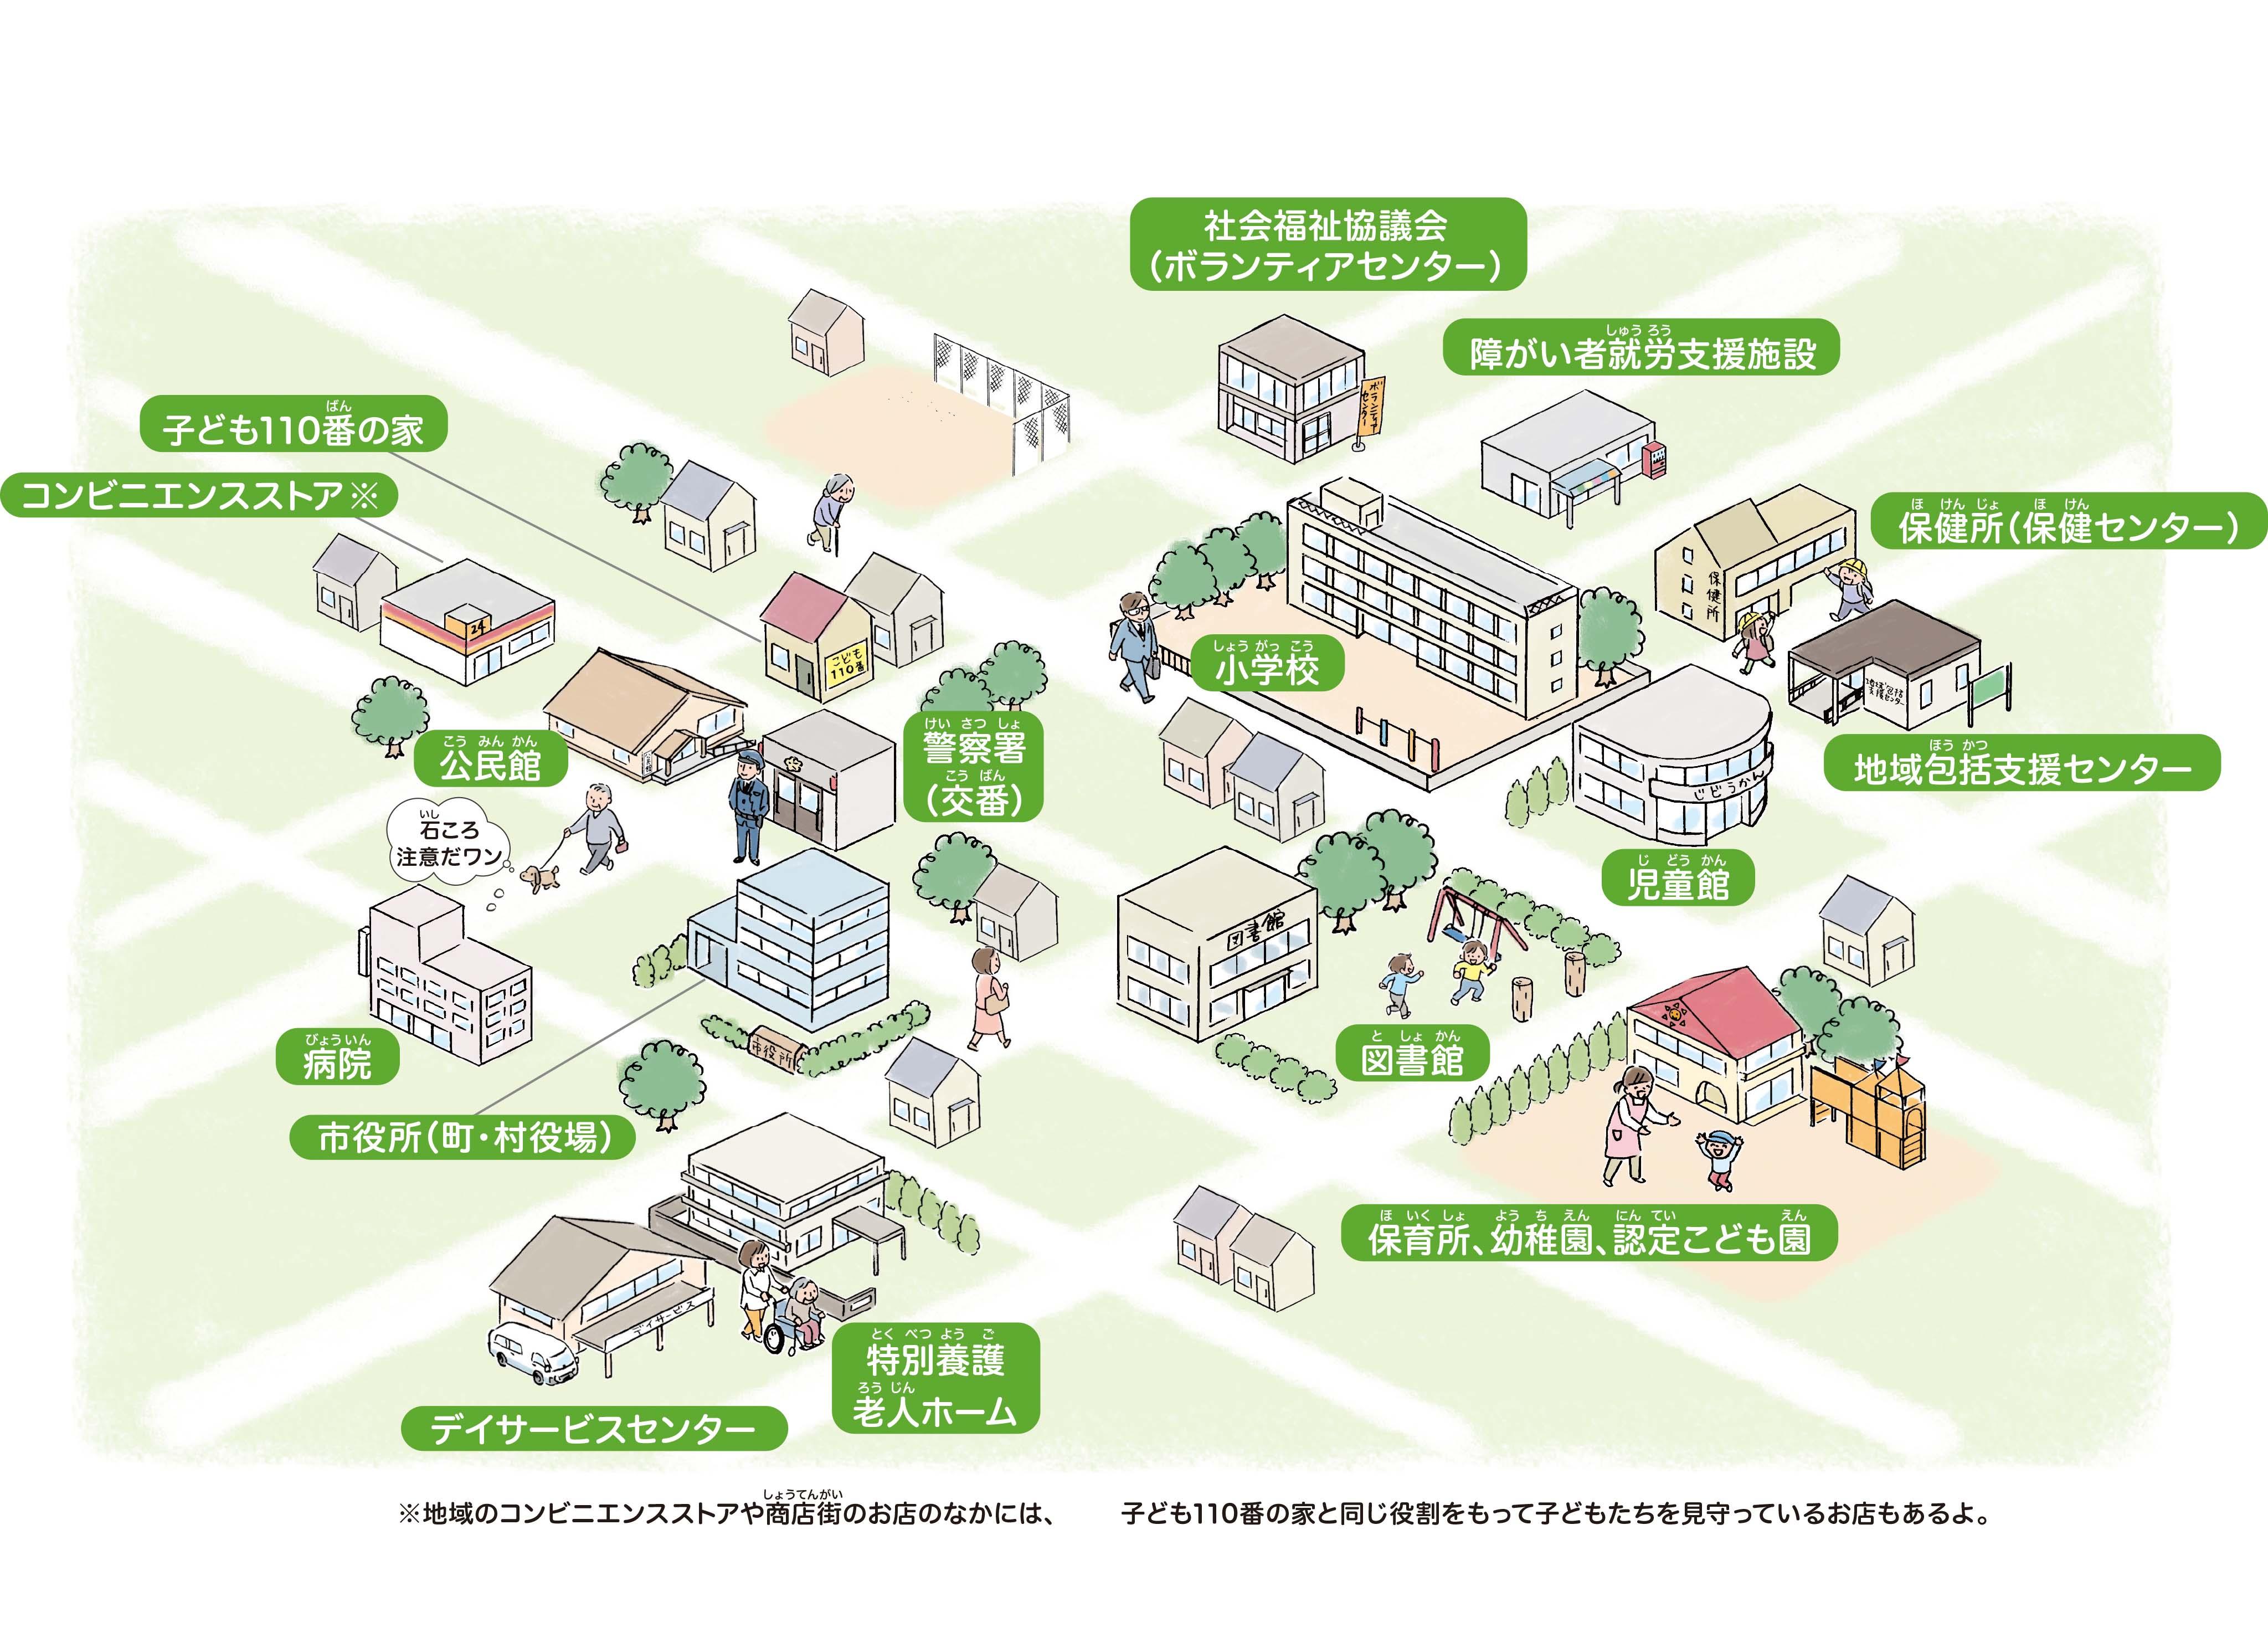 民生委員といっしょにみんなの街を支える~MAP